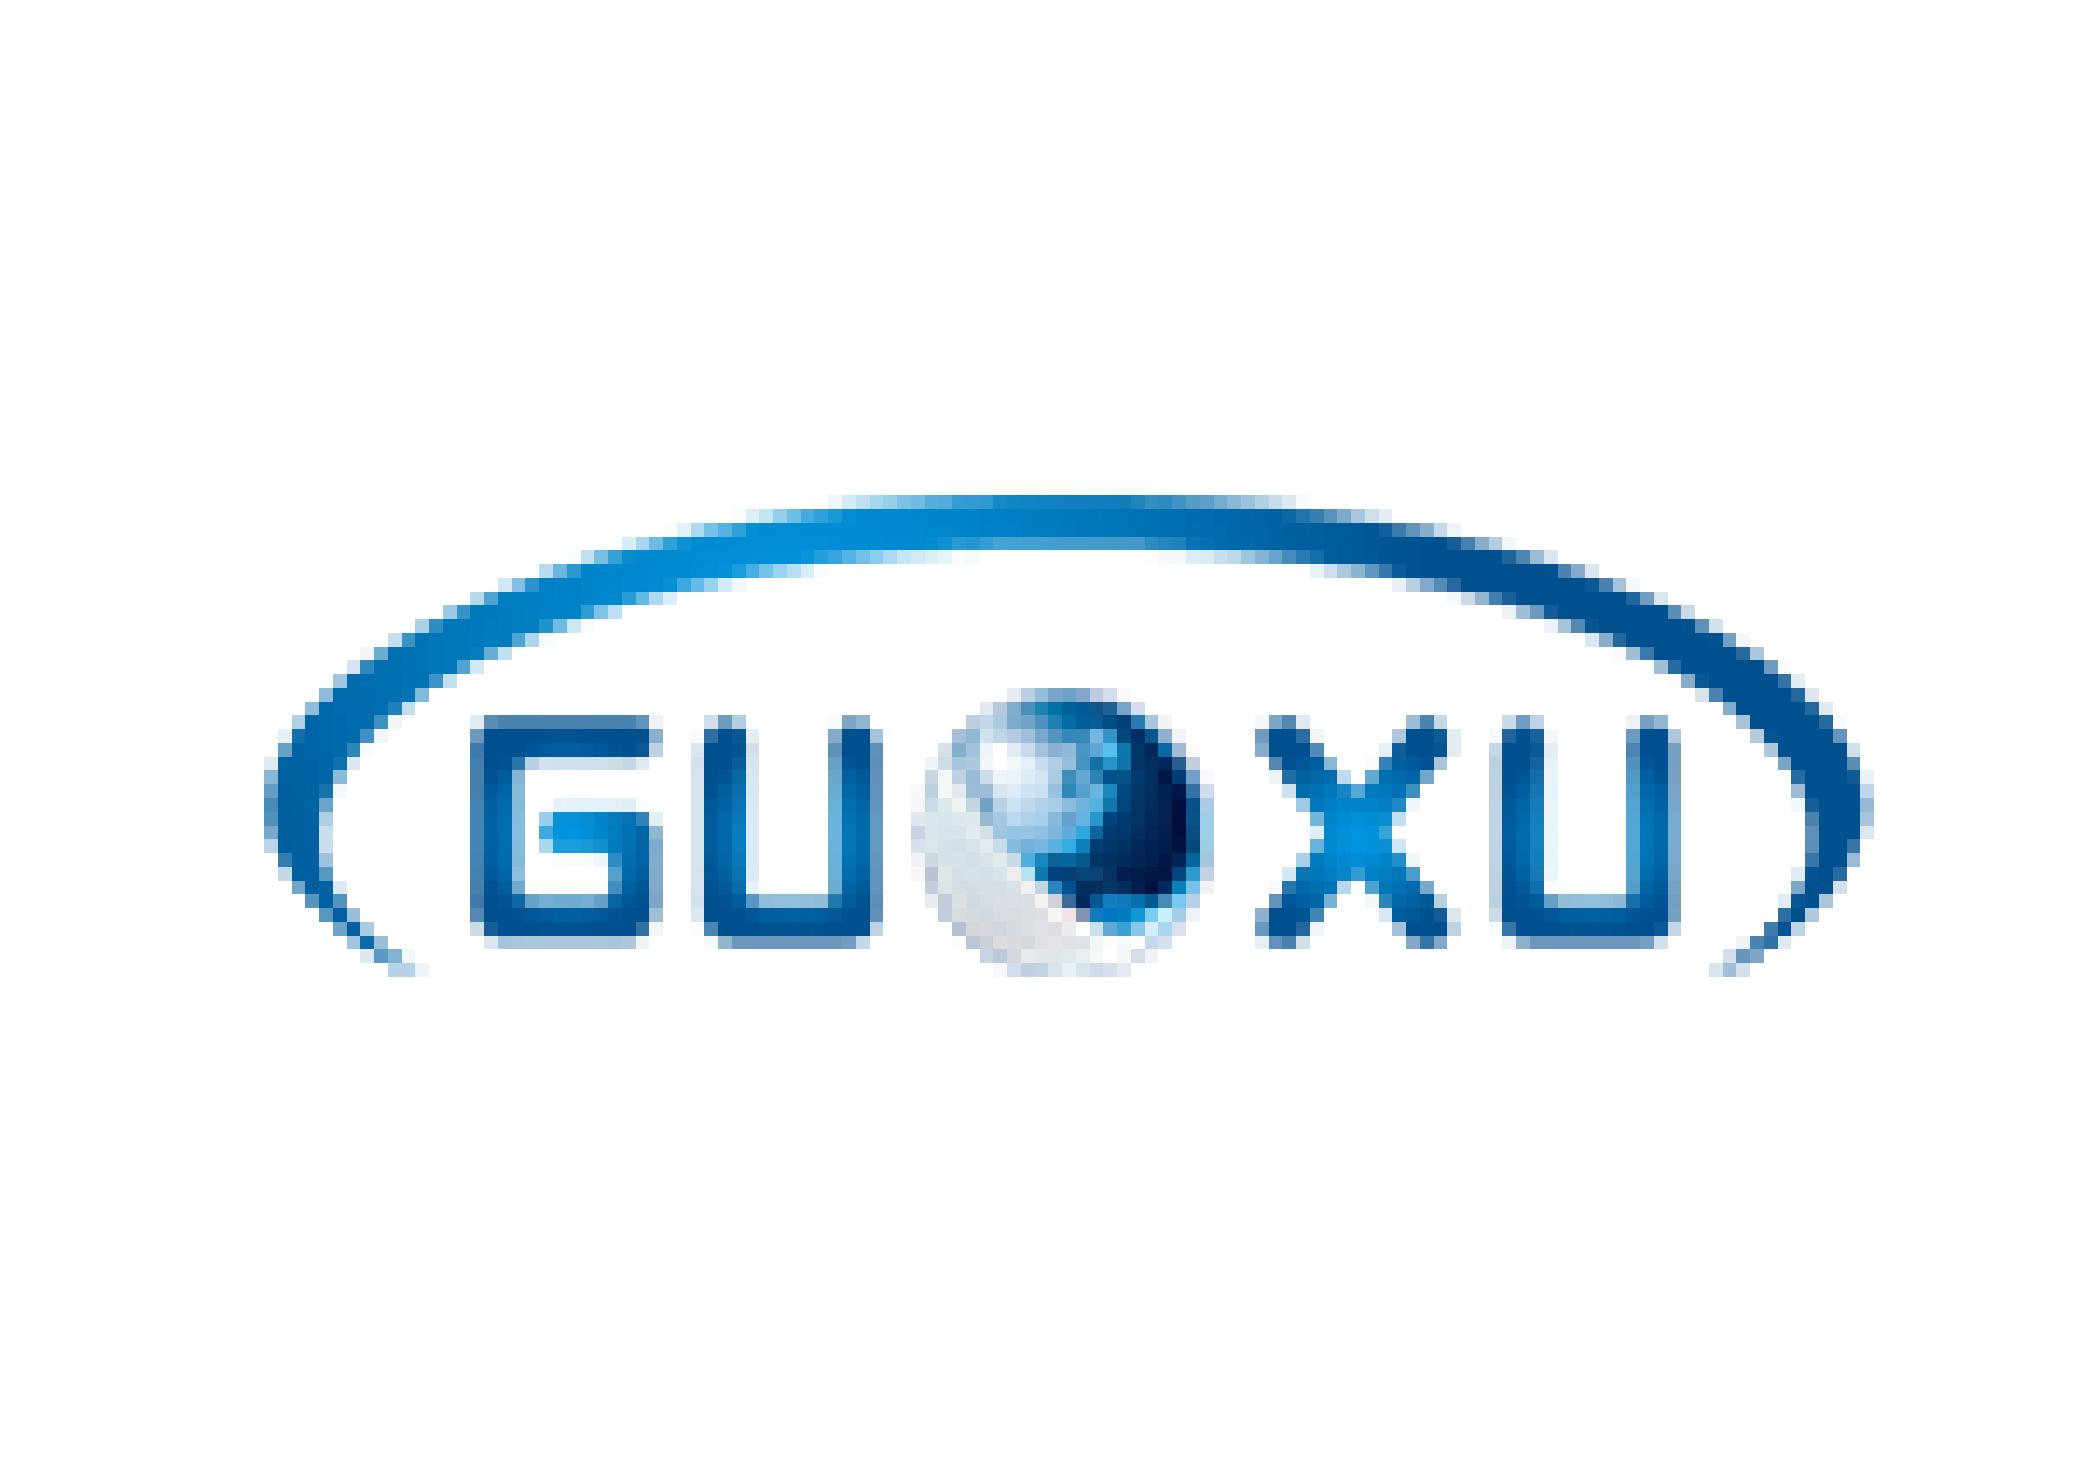 Guoxu Network Technology Co., Ltd